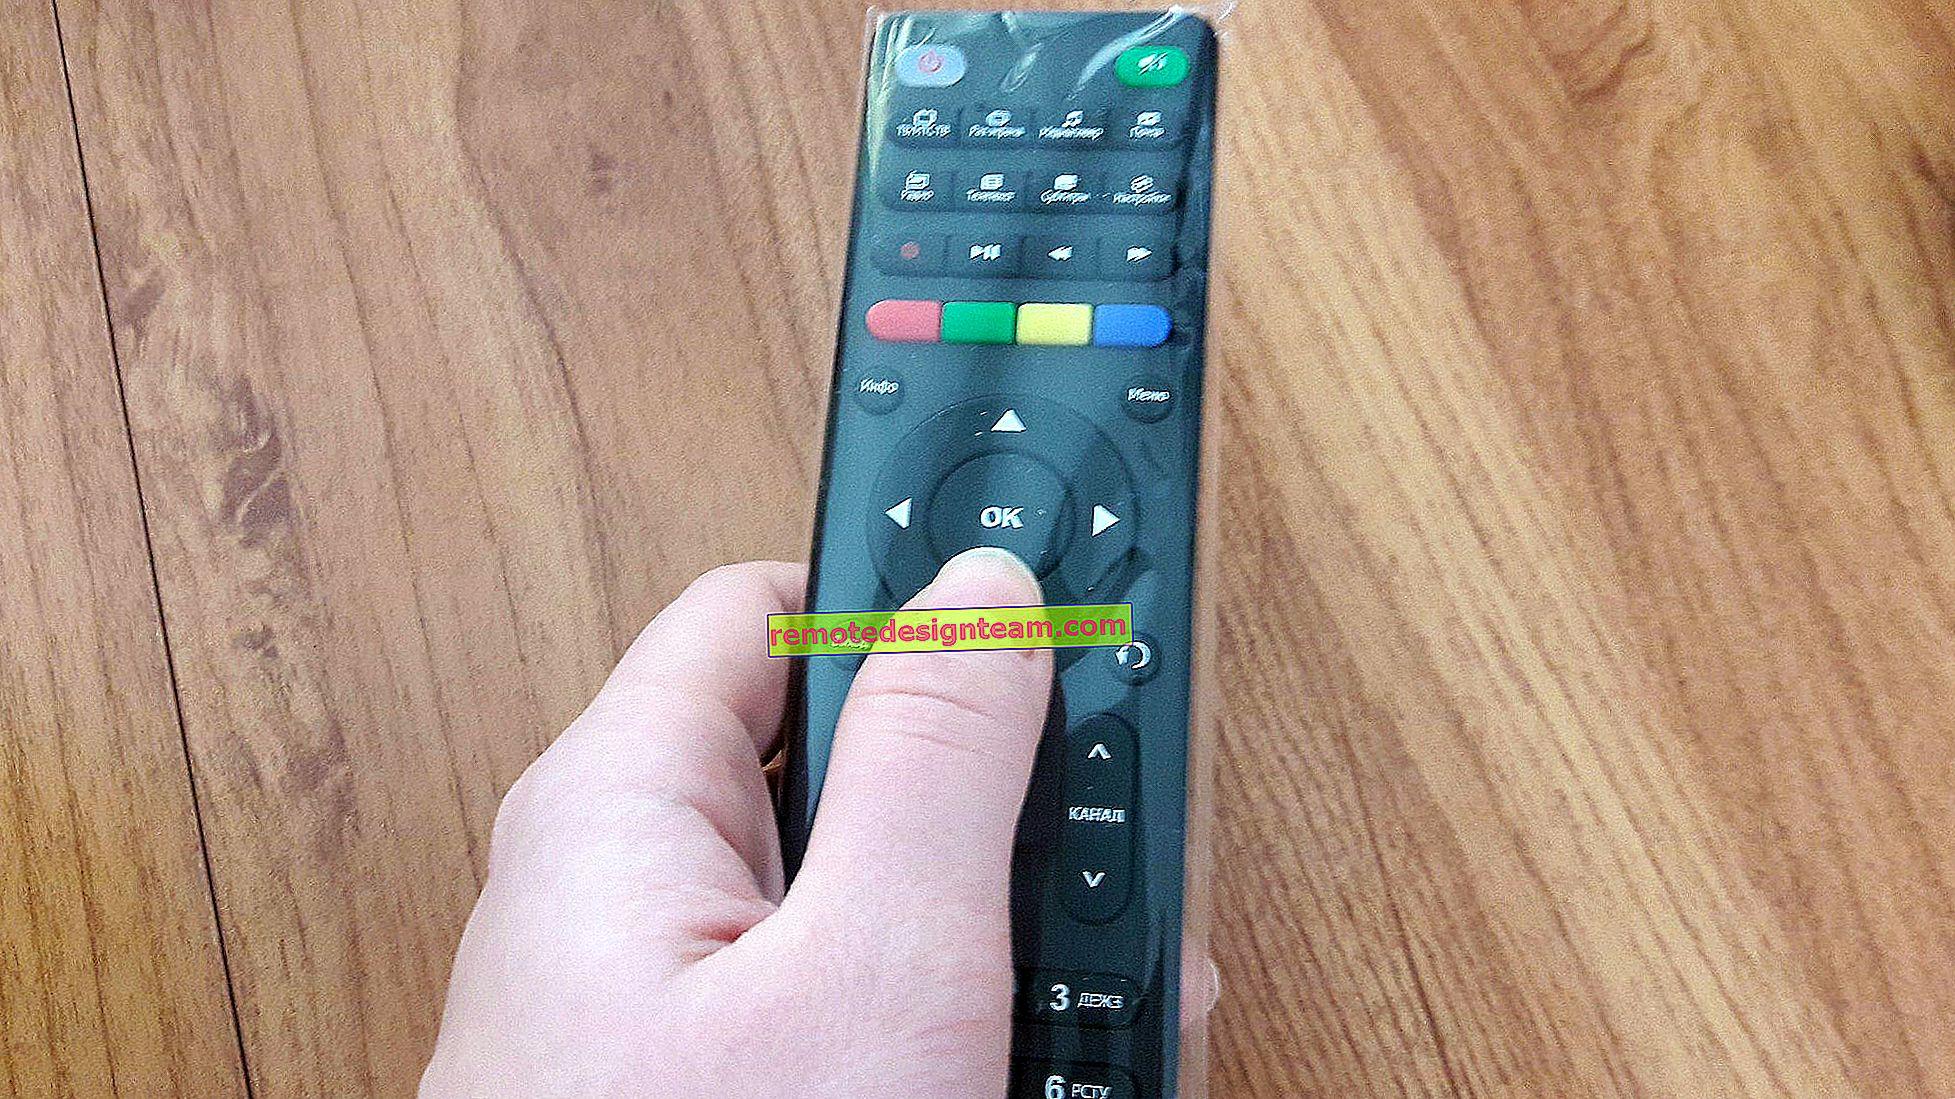 คุณต้องการอะไรเพื่อรับโทรทัศน์ภาคพื้นดินระบบดิจิตอล? วิธีรับสัญญาณและดู T2?